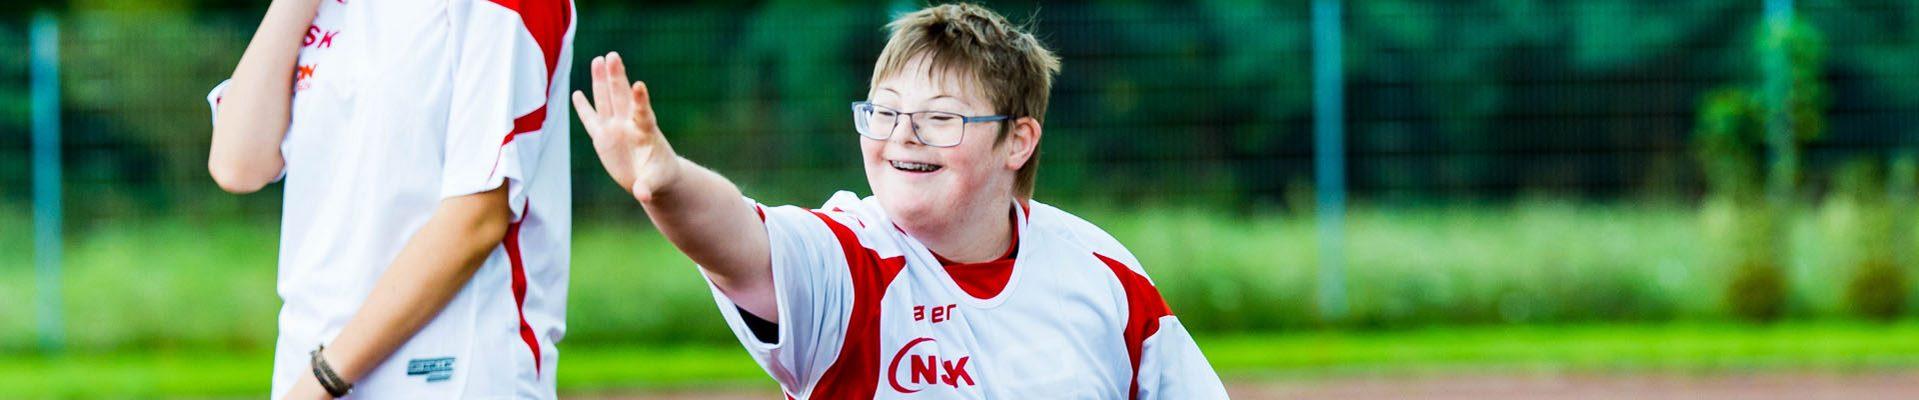 Teaserbild Deutsches Sportabzeichen für Menschen mit Behinderung